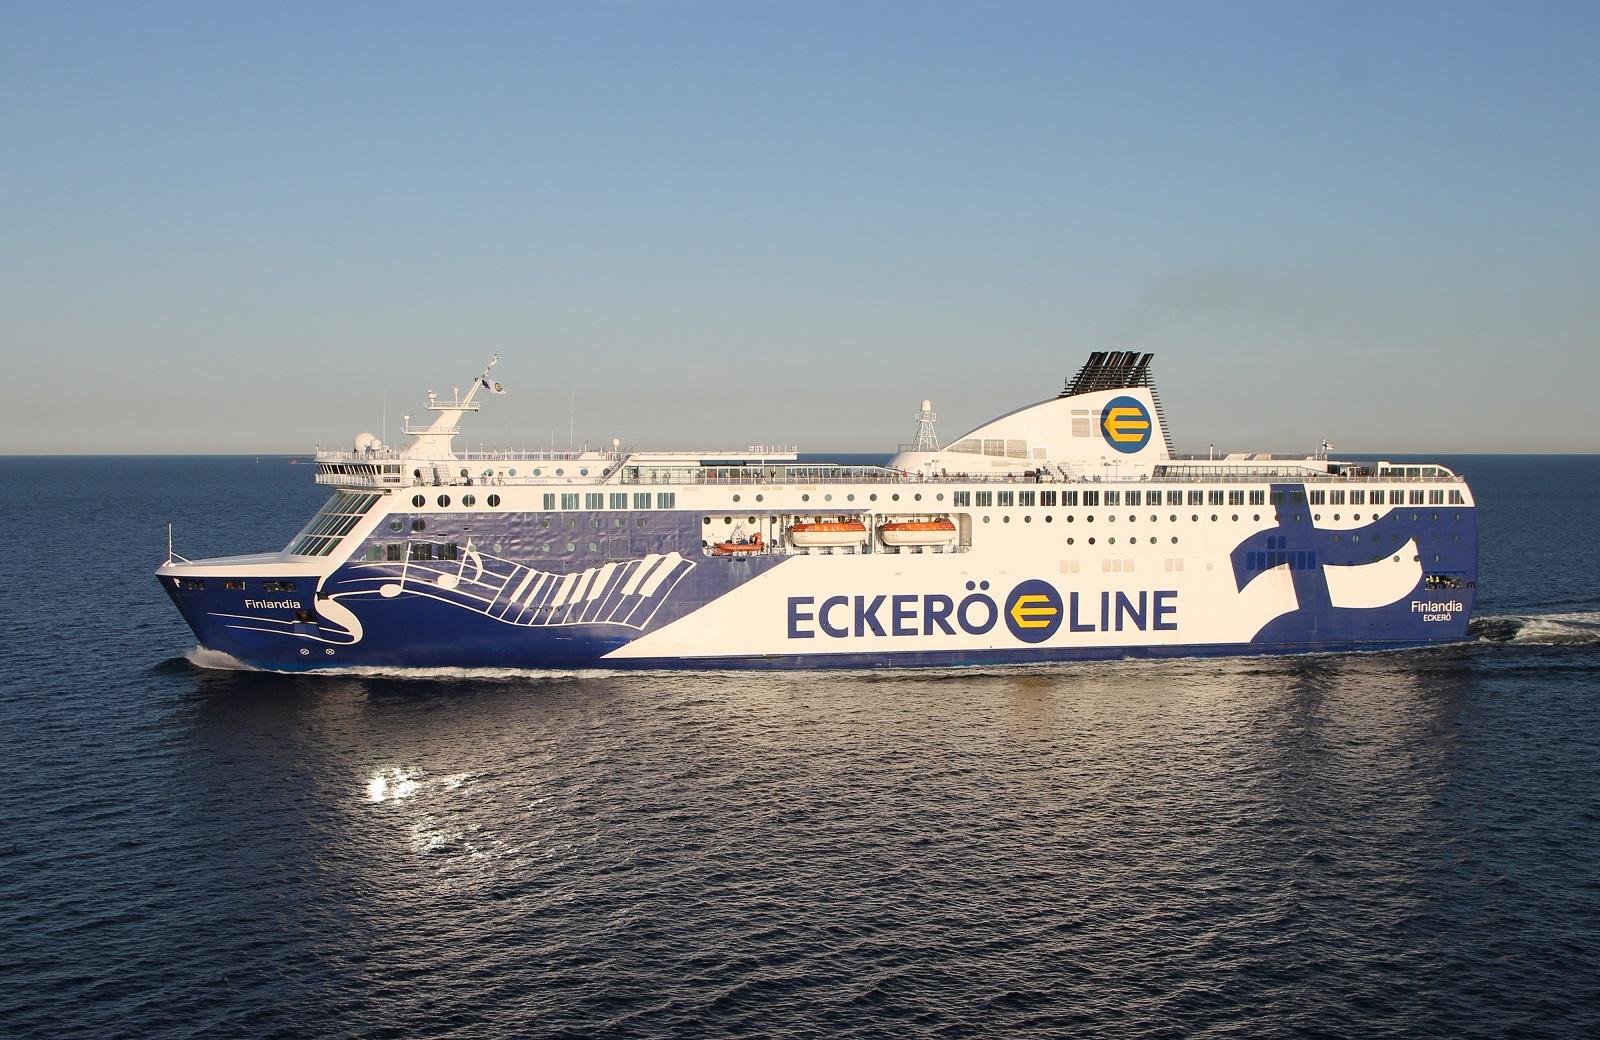 eckero-line